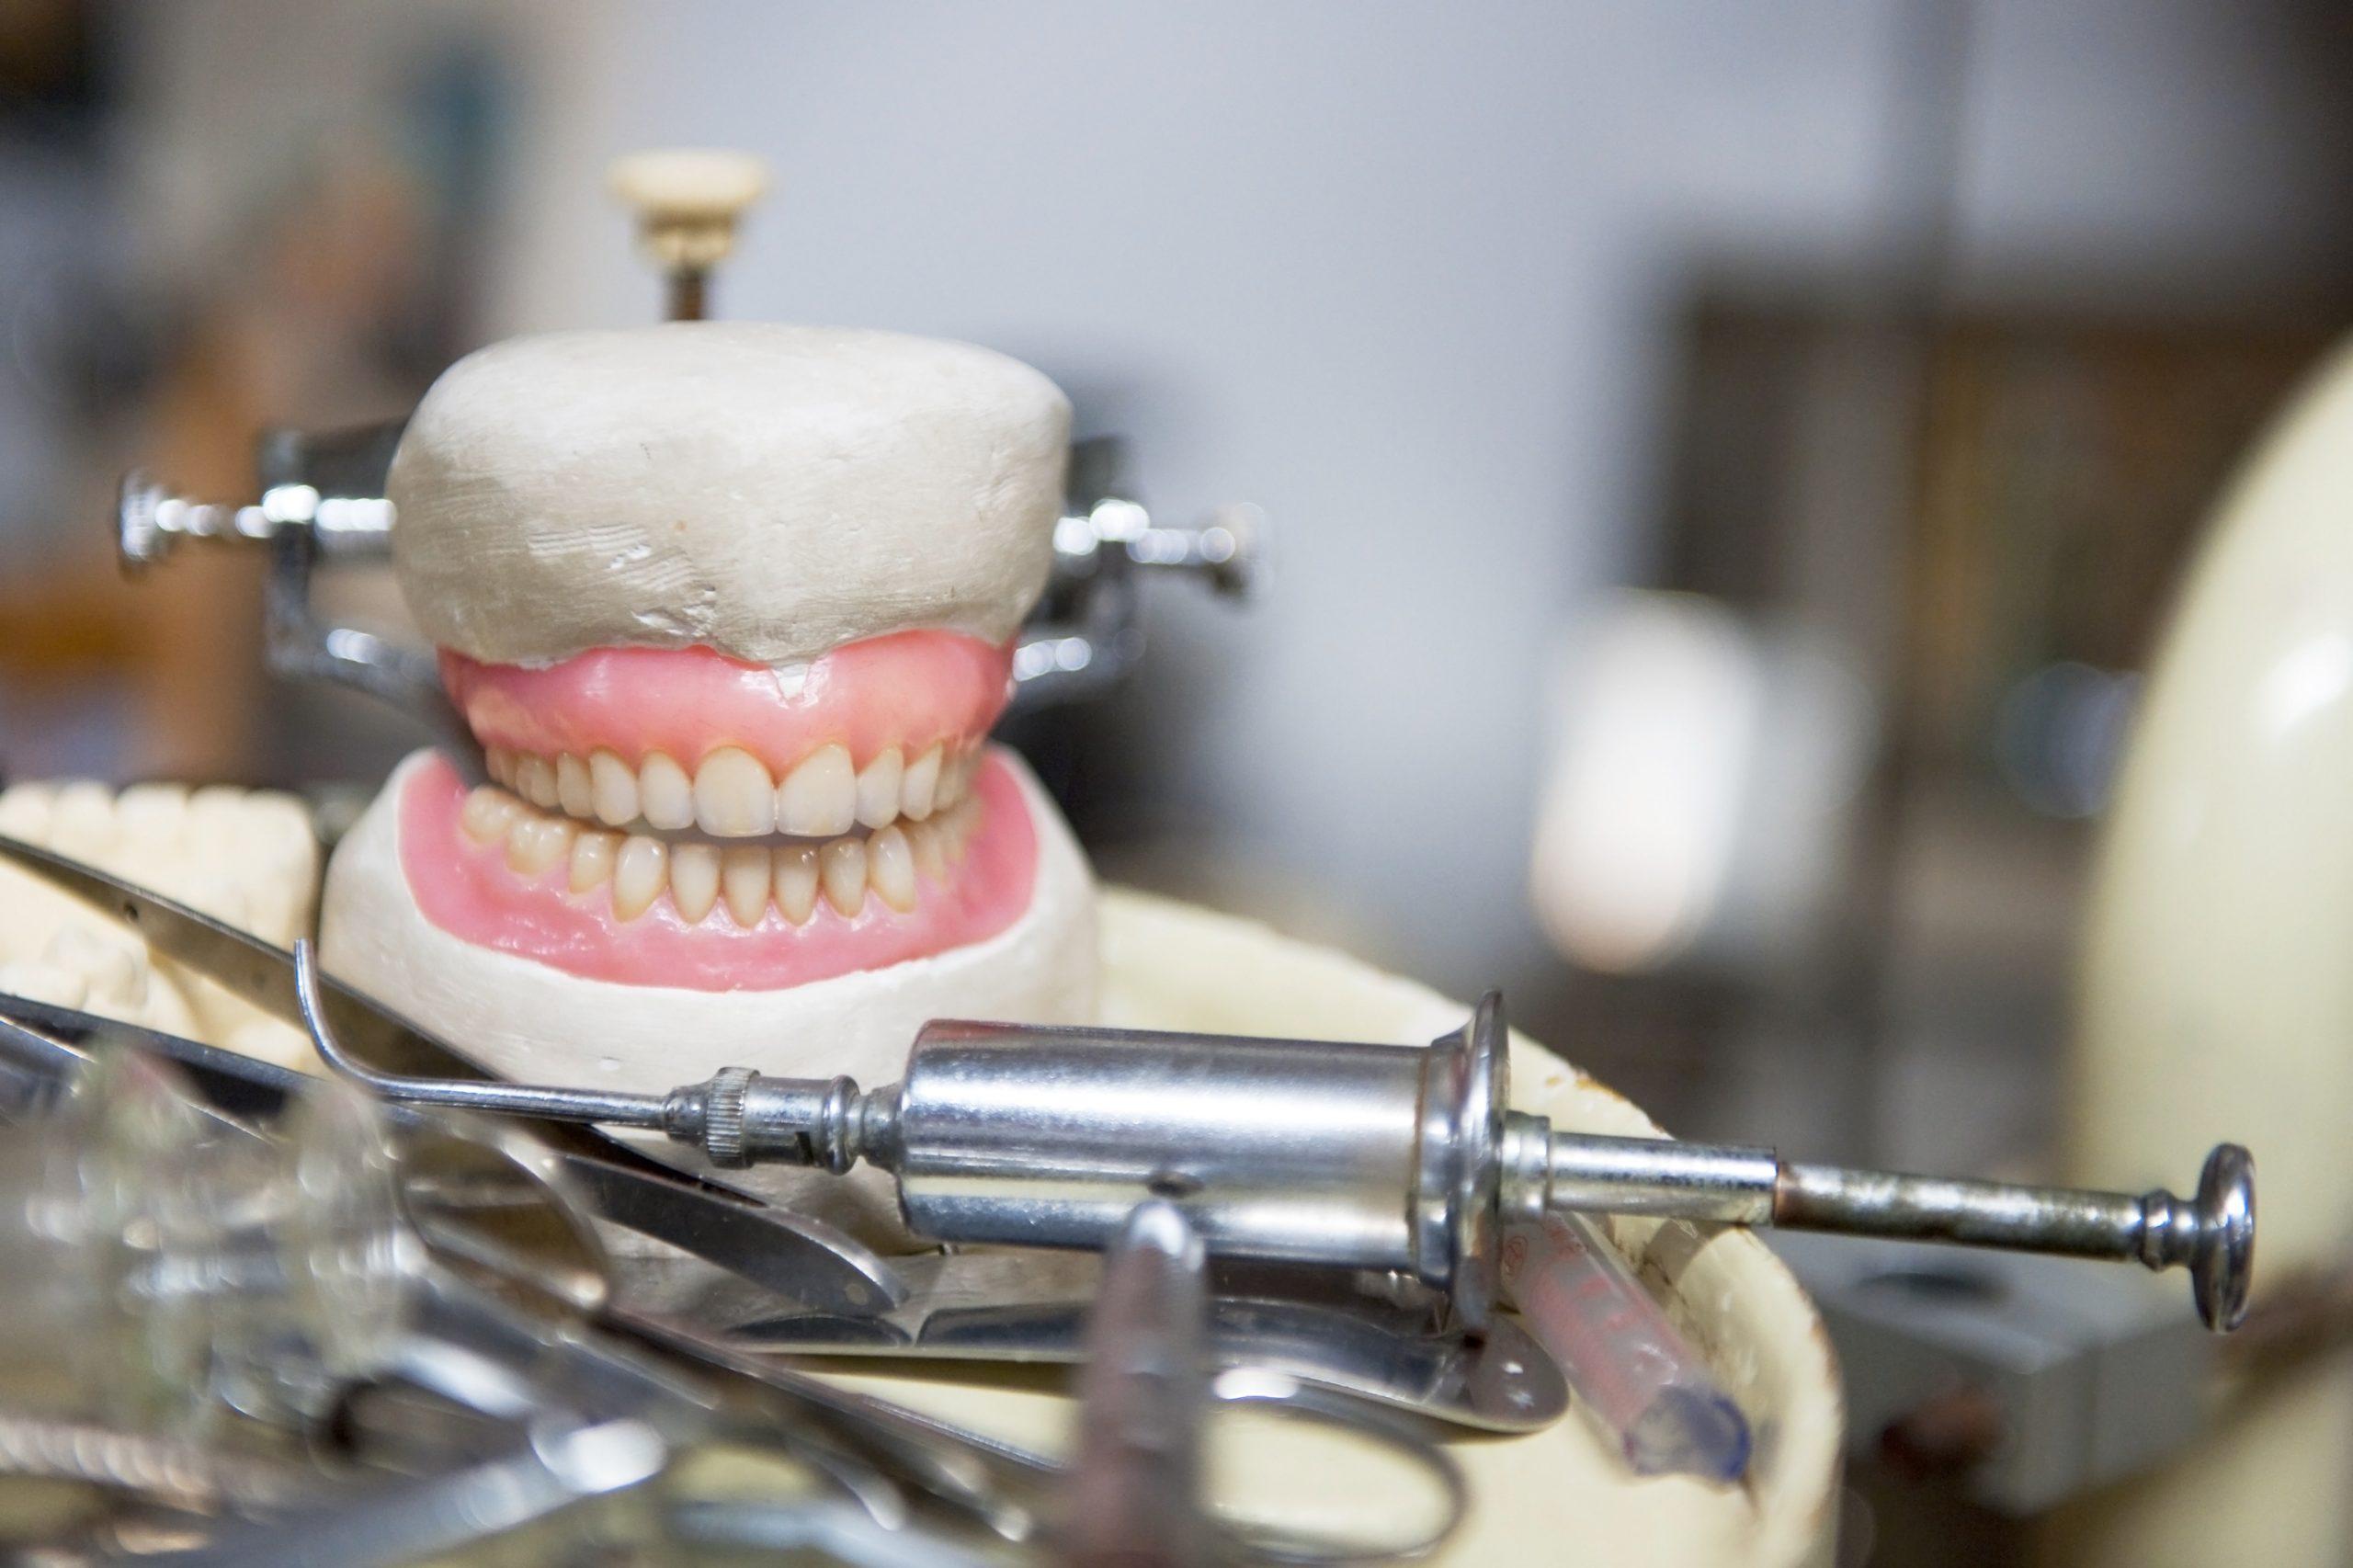 dental laboratory technician brief description